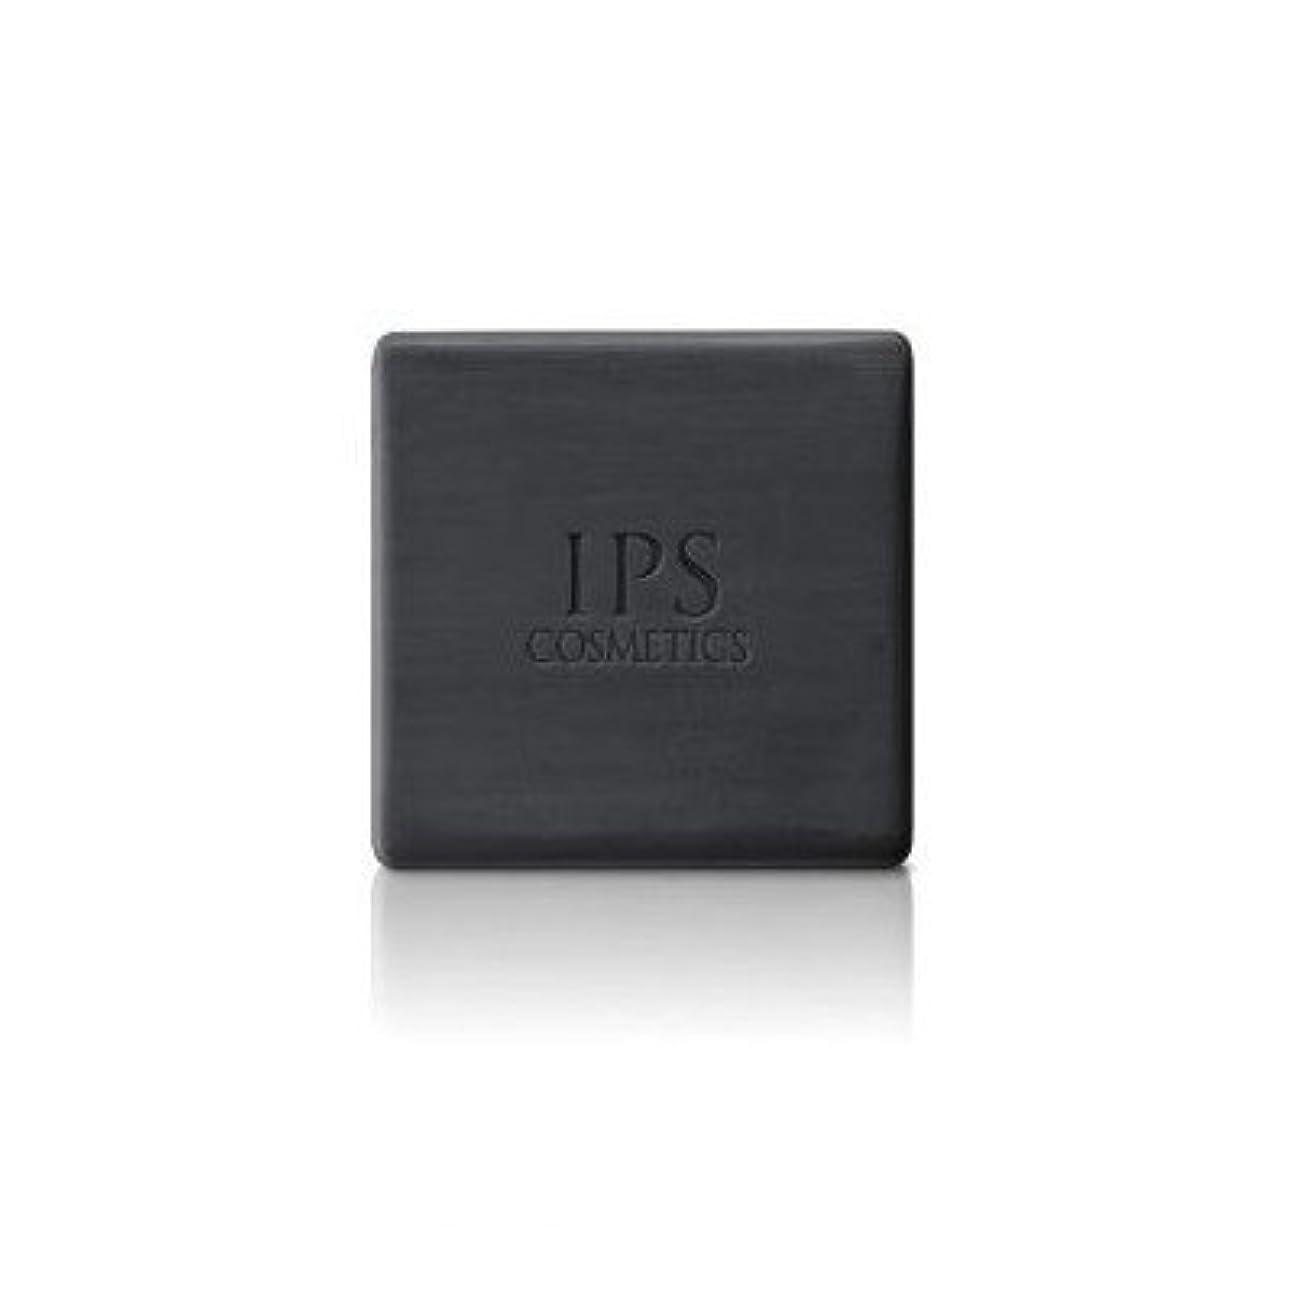 バッフル吐く世界の窓お得な3個セット IPS コンディショニングバー 洗顔石鹸 120g